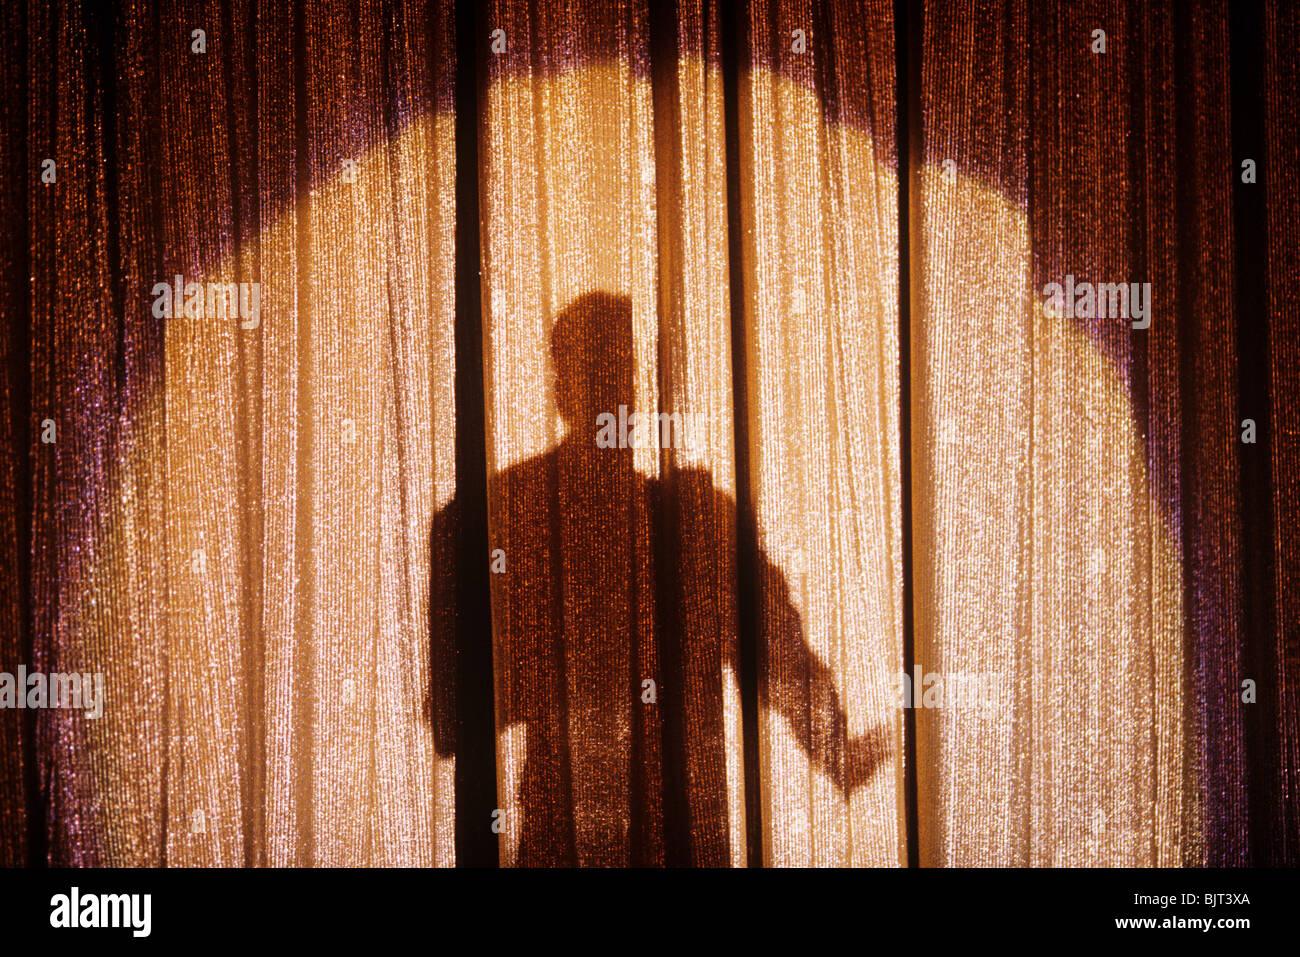 Schatten einer Person auf einem Bühnenvorhang Stockfoto